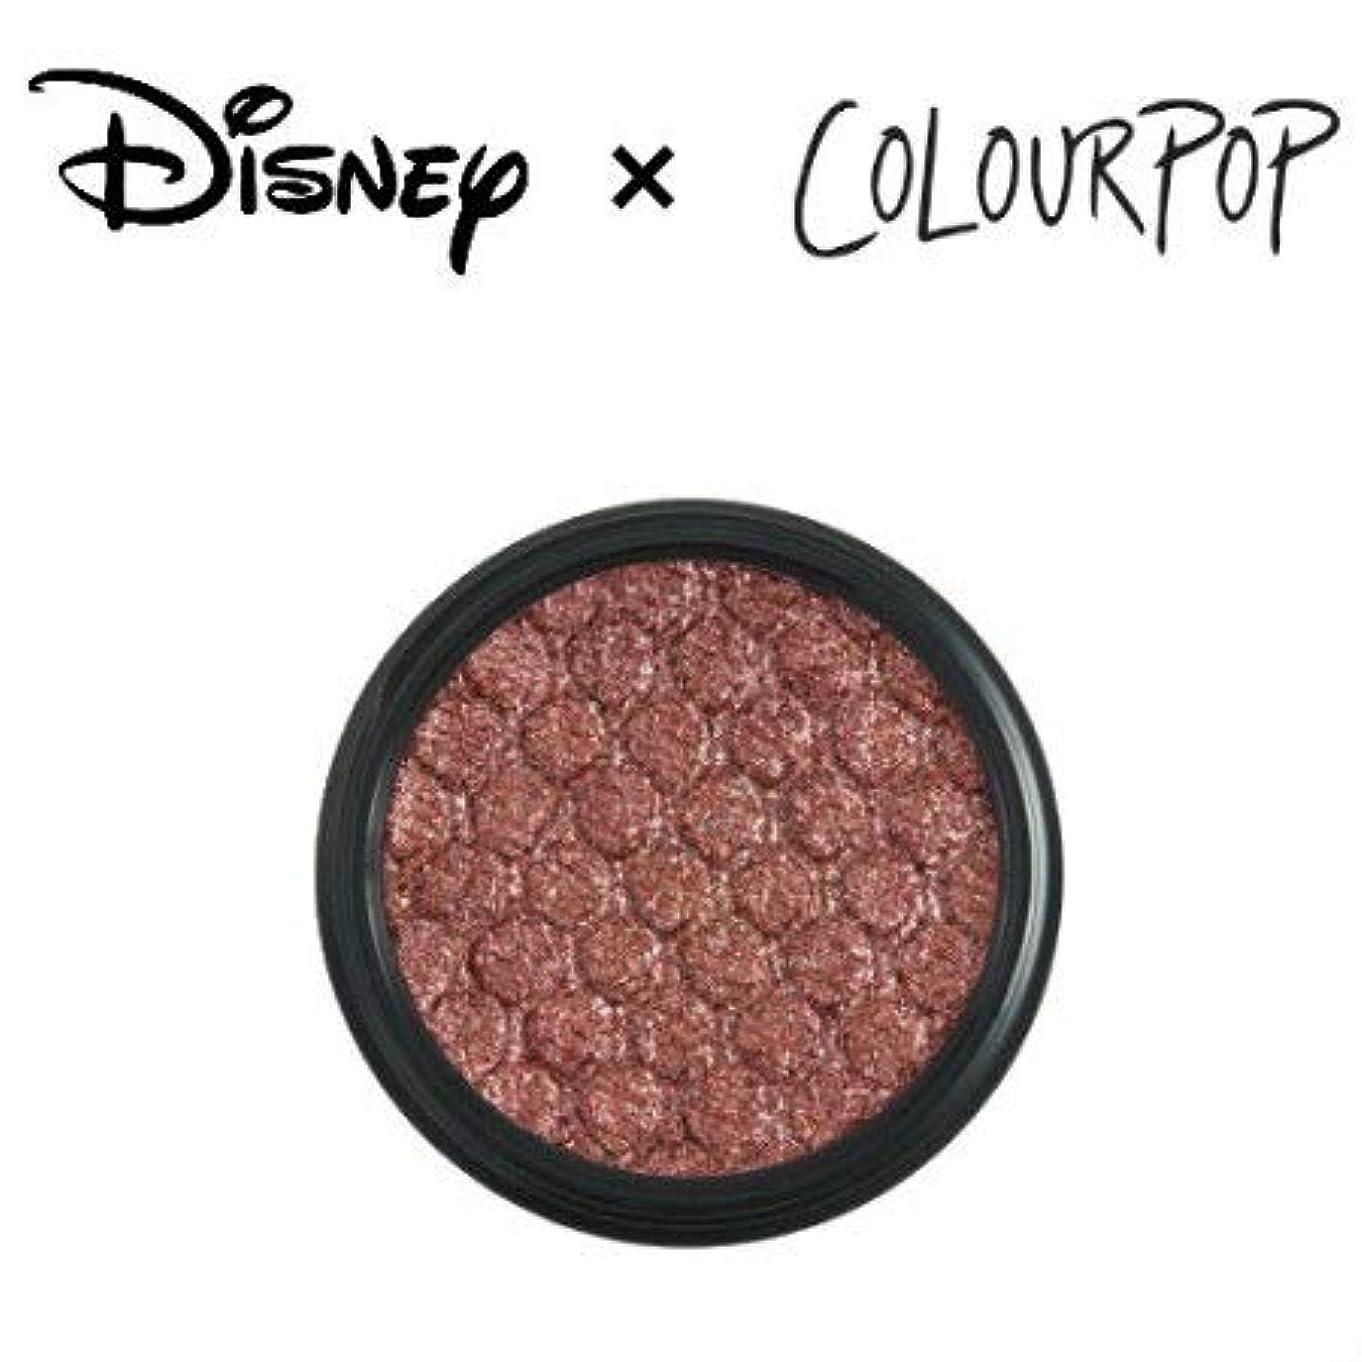 エーカー敵特徴づけるカラーポップ COLOURPOP x DISNEY ディズニー プリンセス アイシャドウ ALMOST THERE(ディープブロンズ)